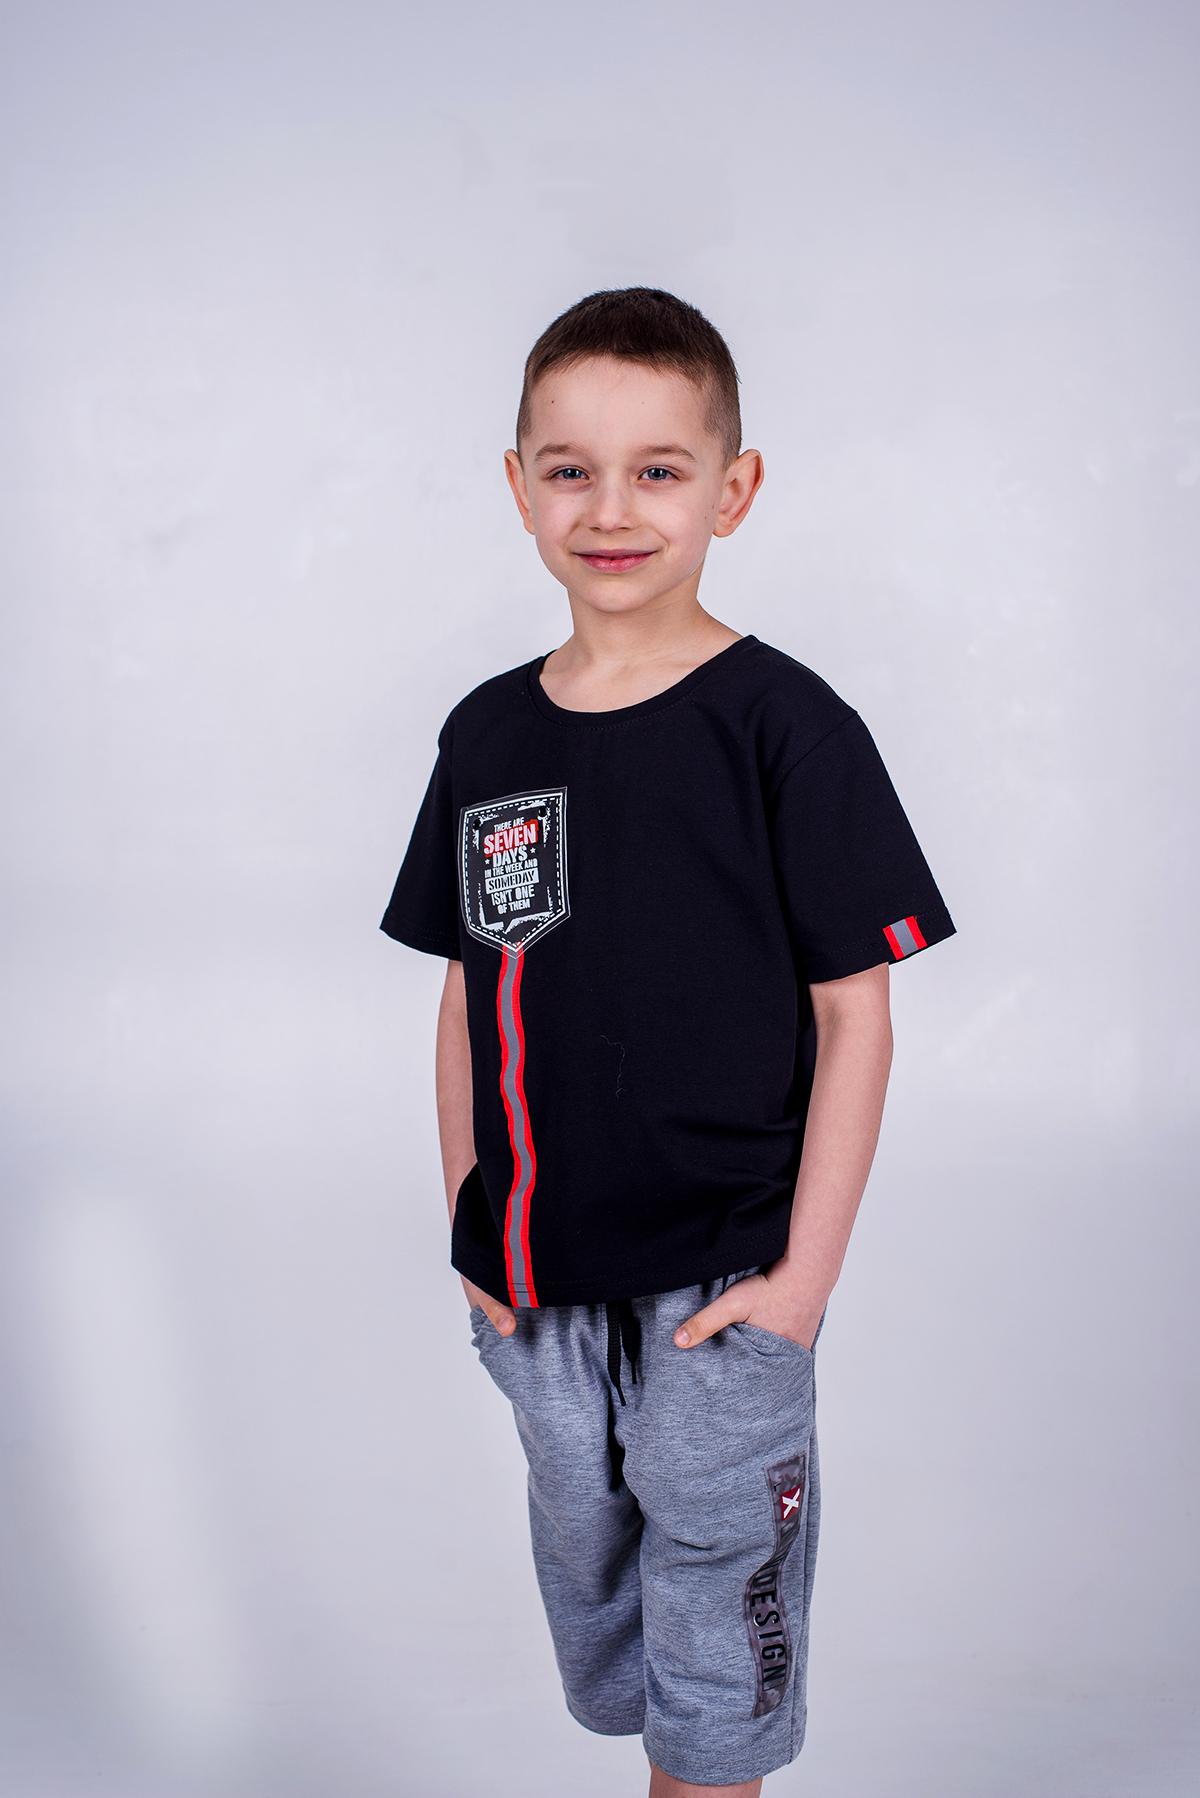 Футболка для хлопчика, Adventure, чорна, SmileTime